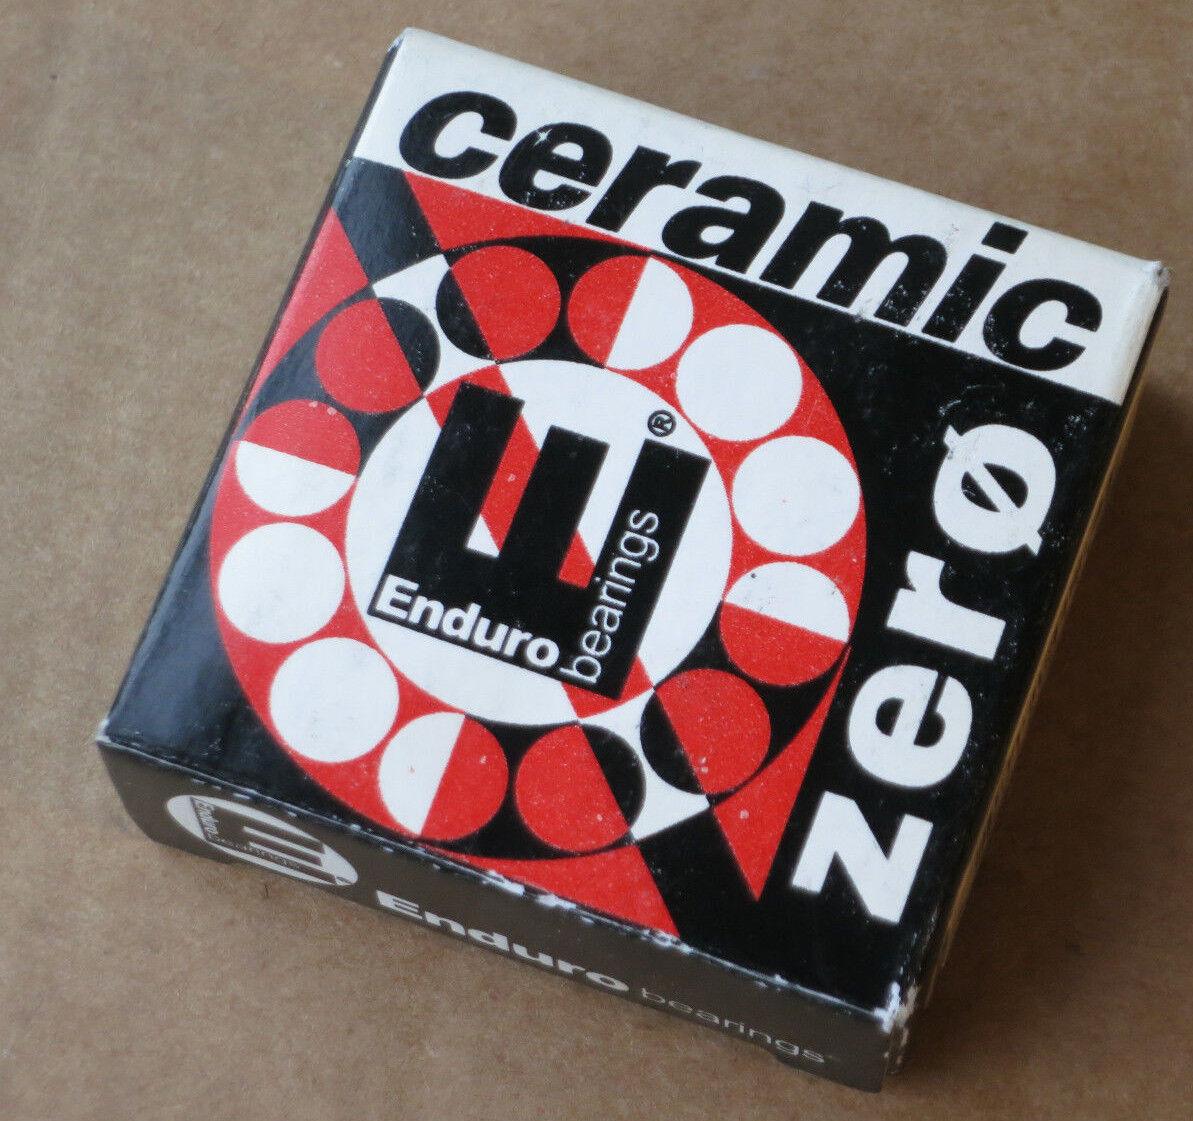 6805N cartuccia Enduro Zero Ceramic BEARING. NUOVO con scatola